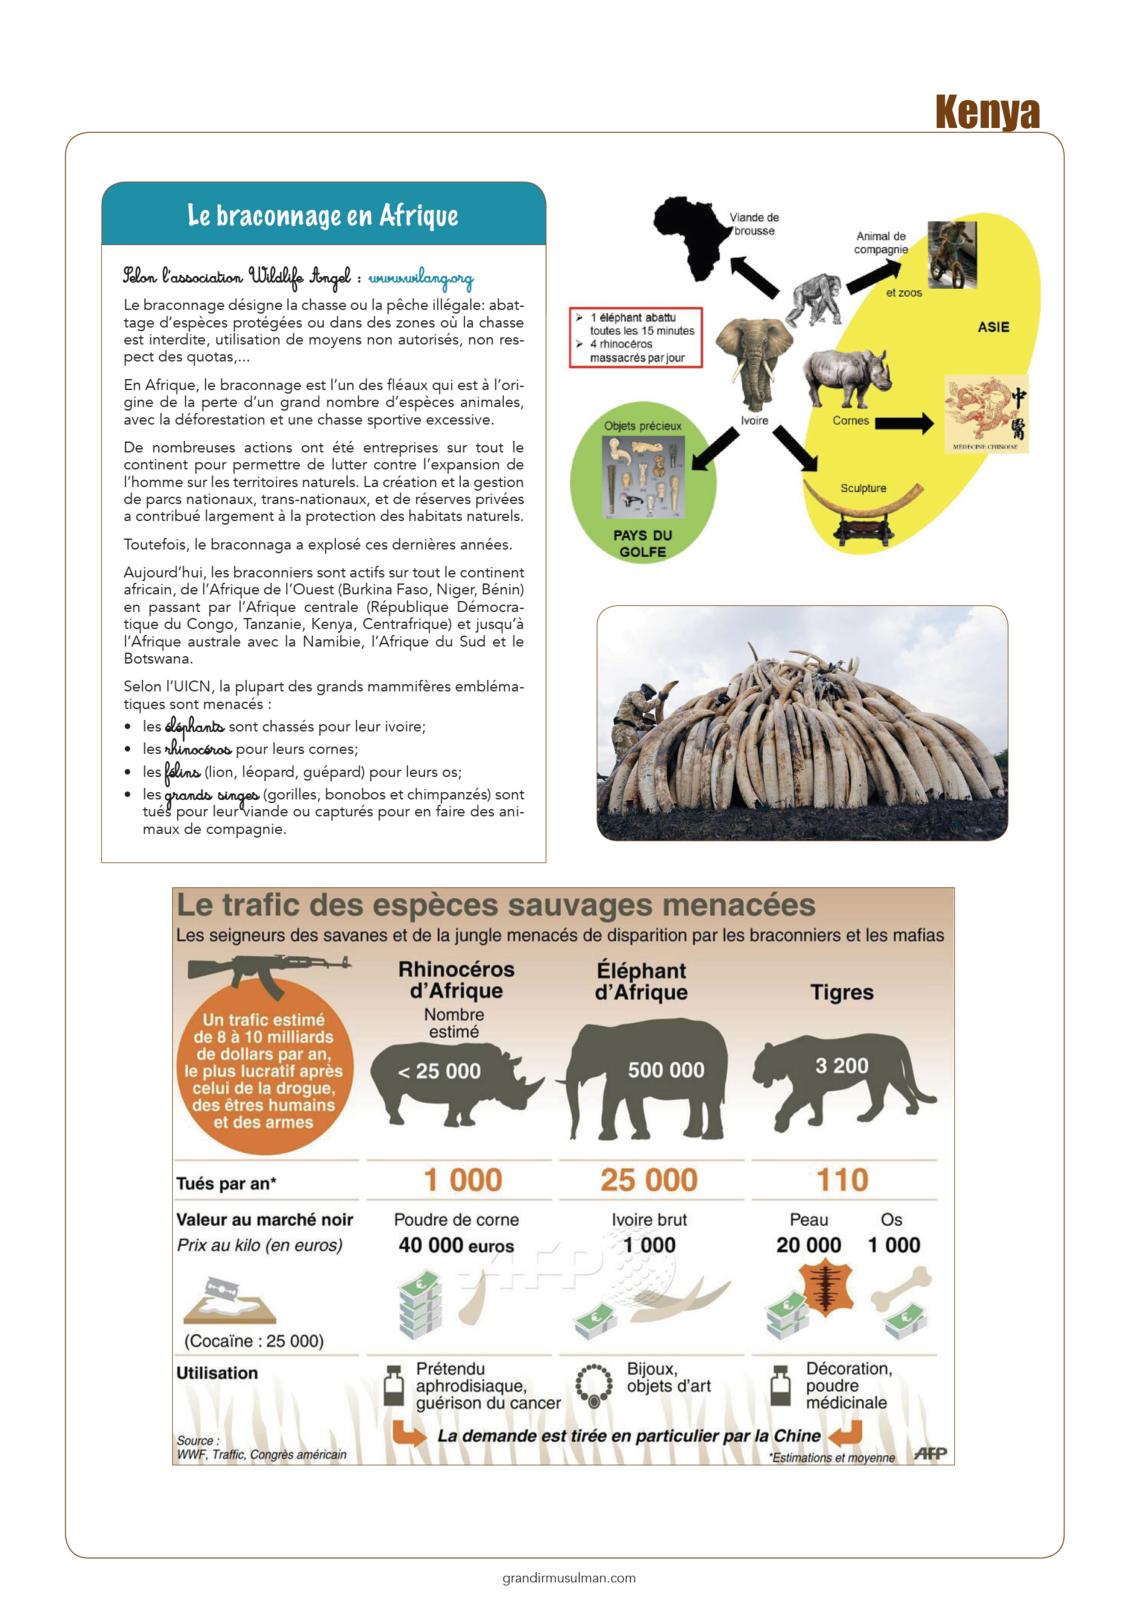 Notre Tour du monde : Kénya